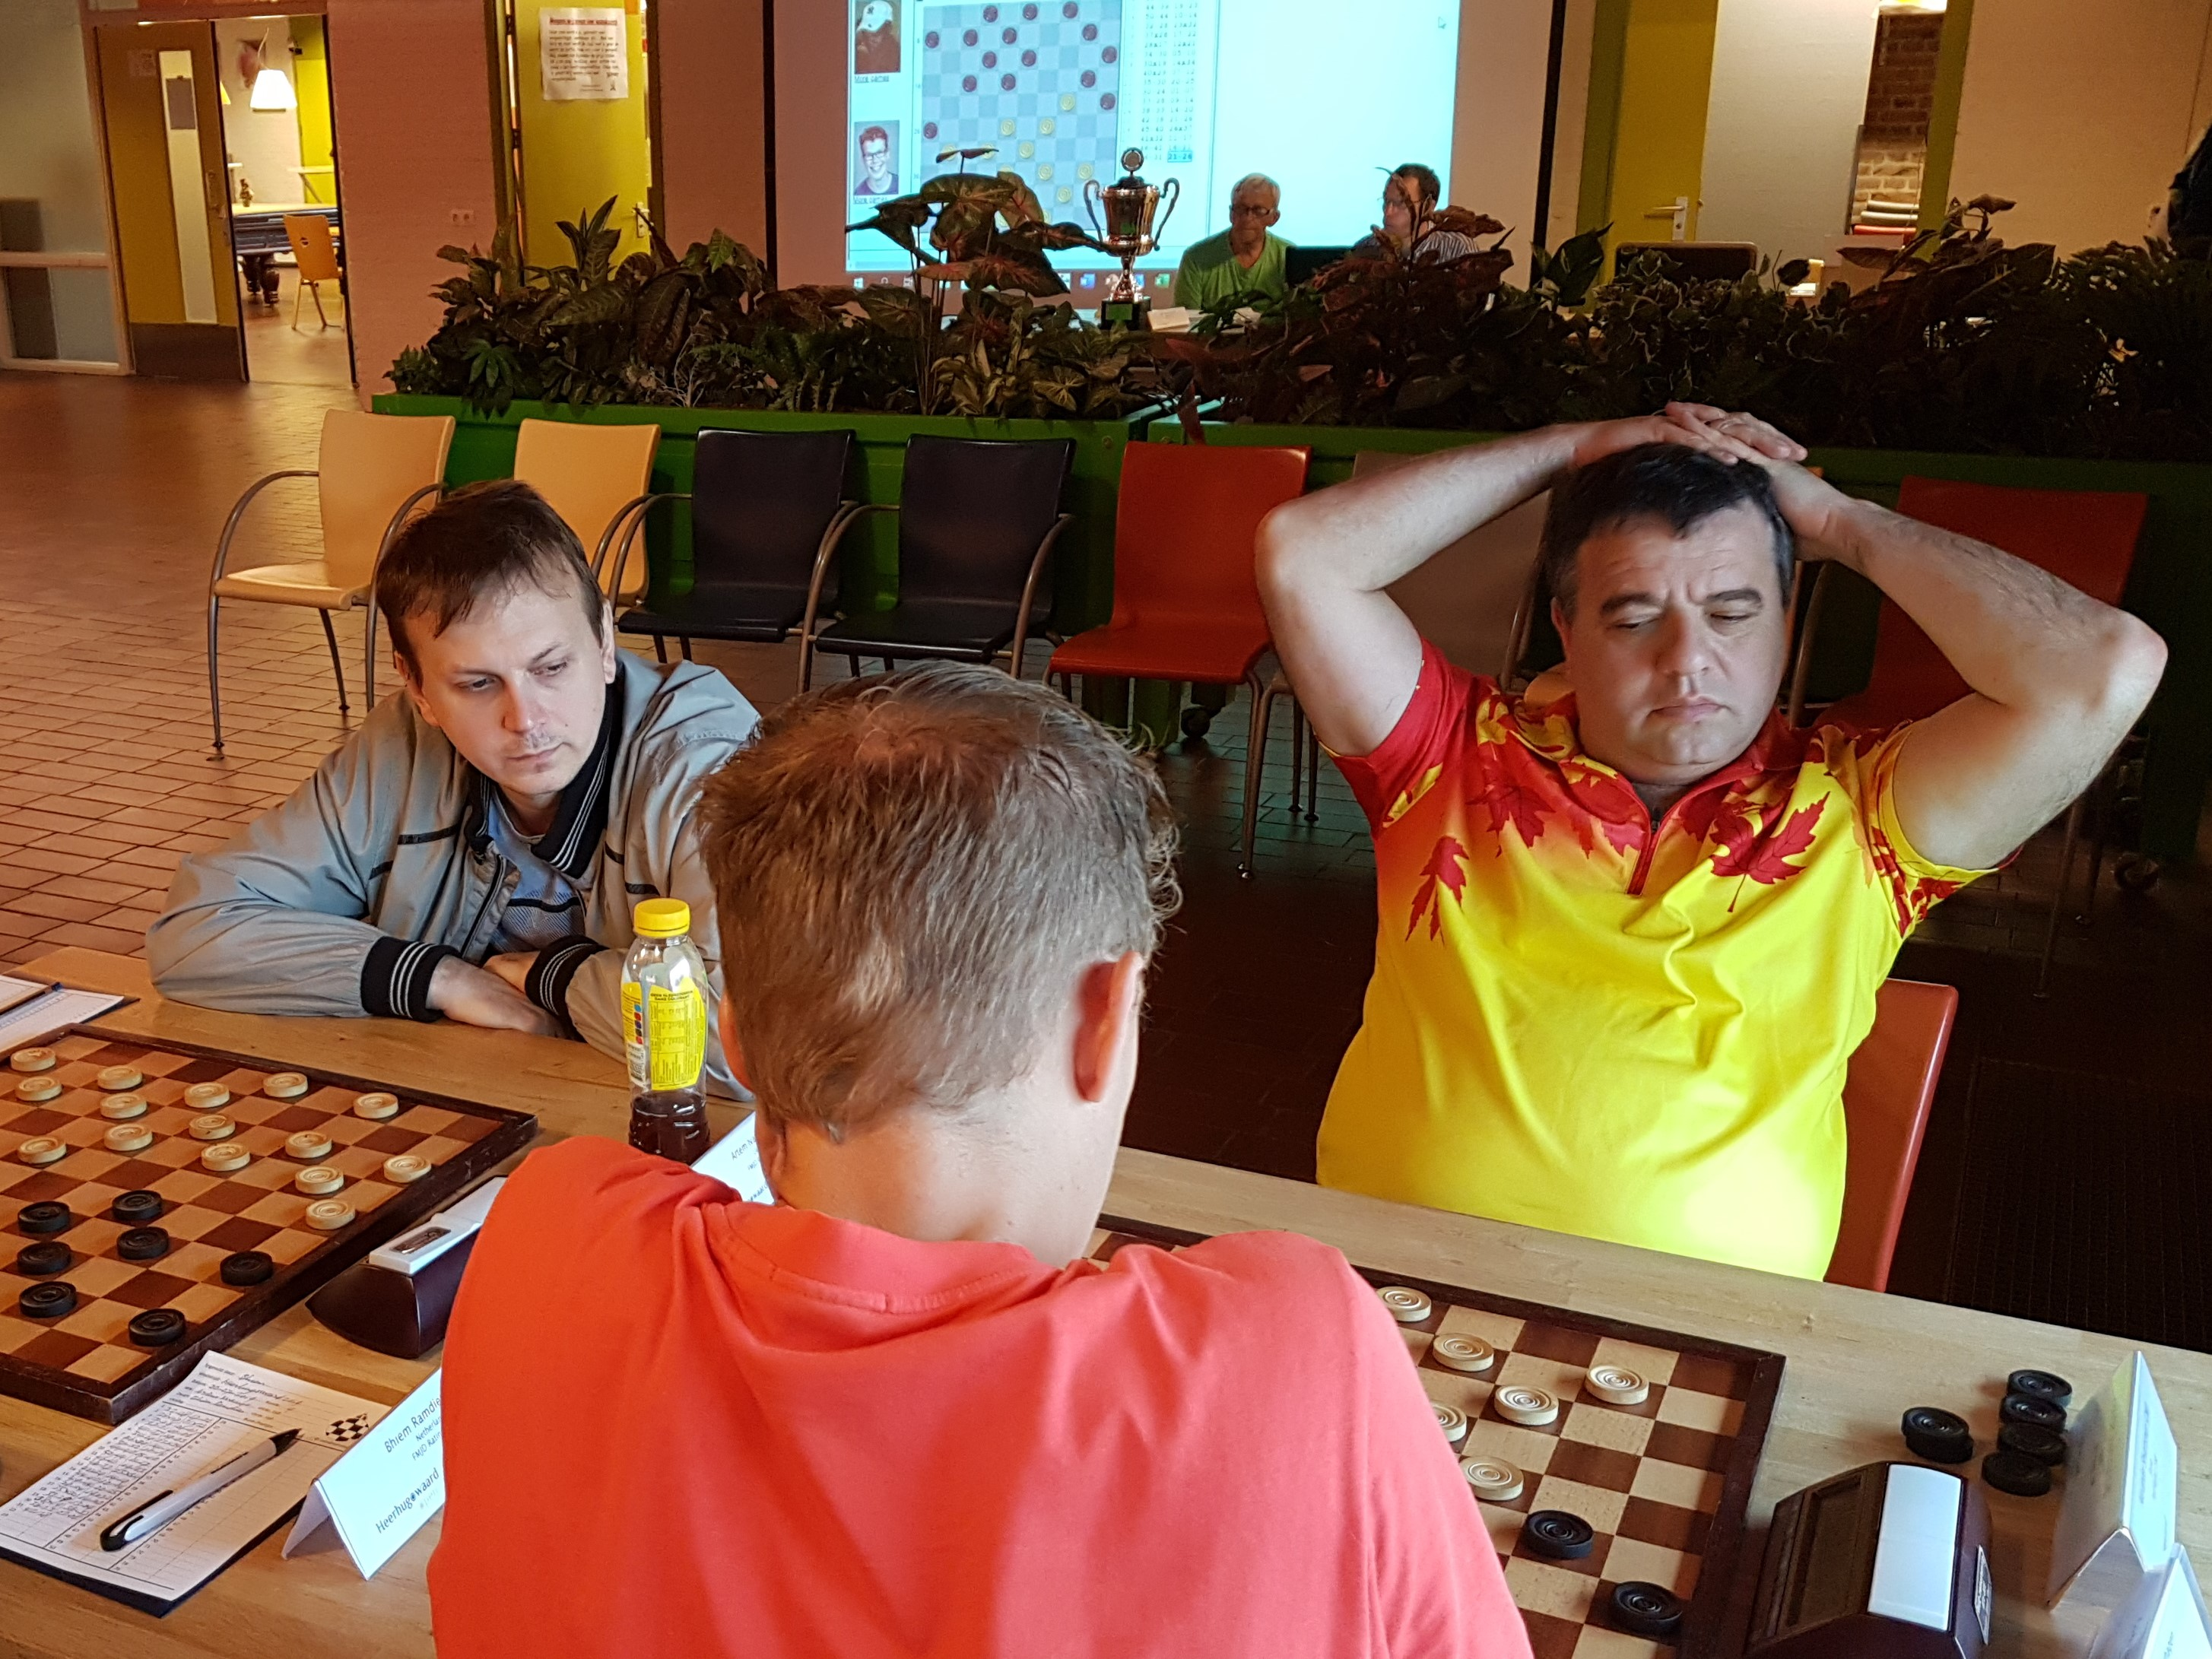 Shvartsman winnaar Heerhugowaard Open 2019